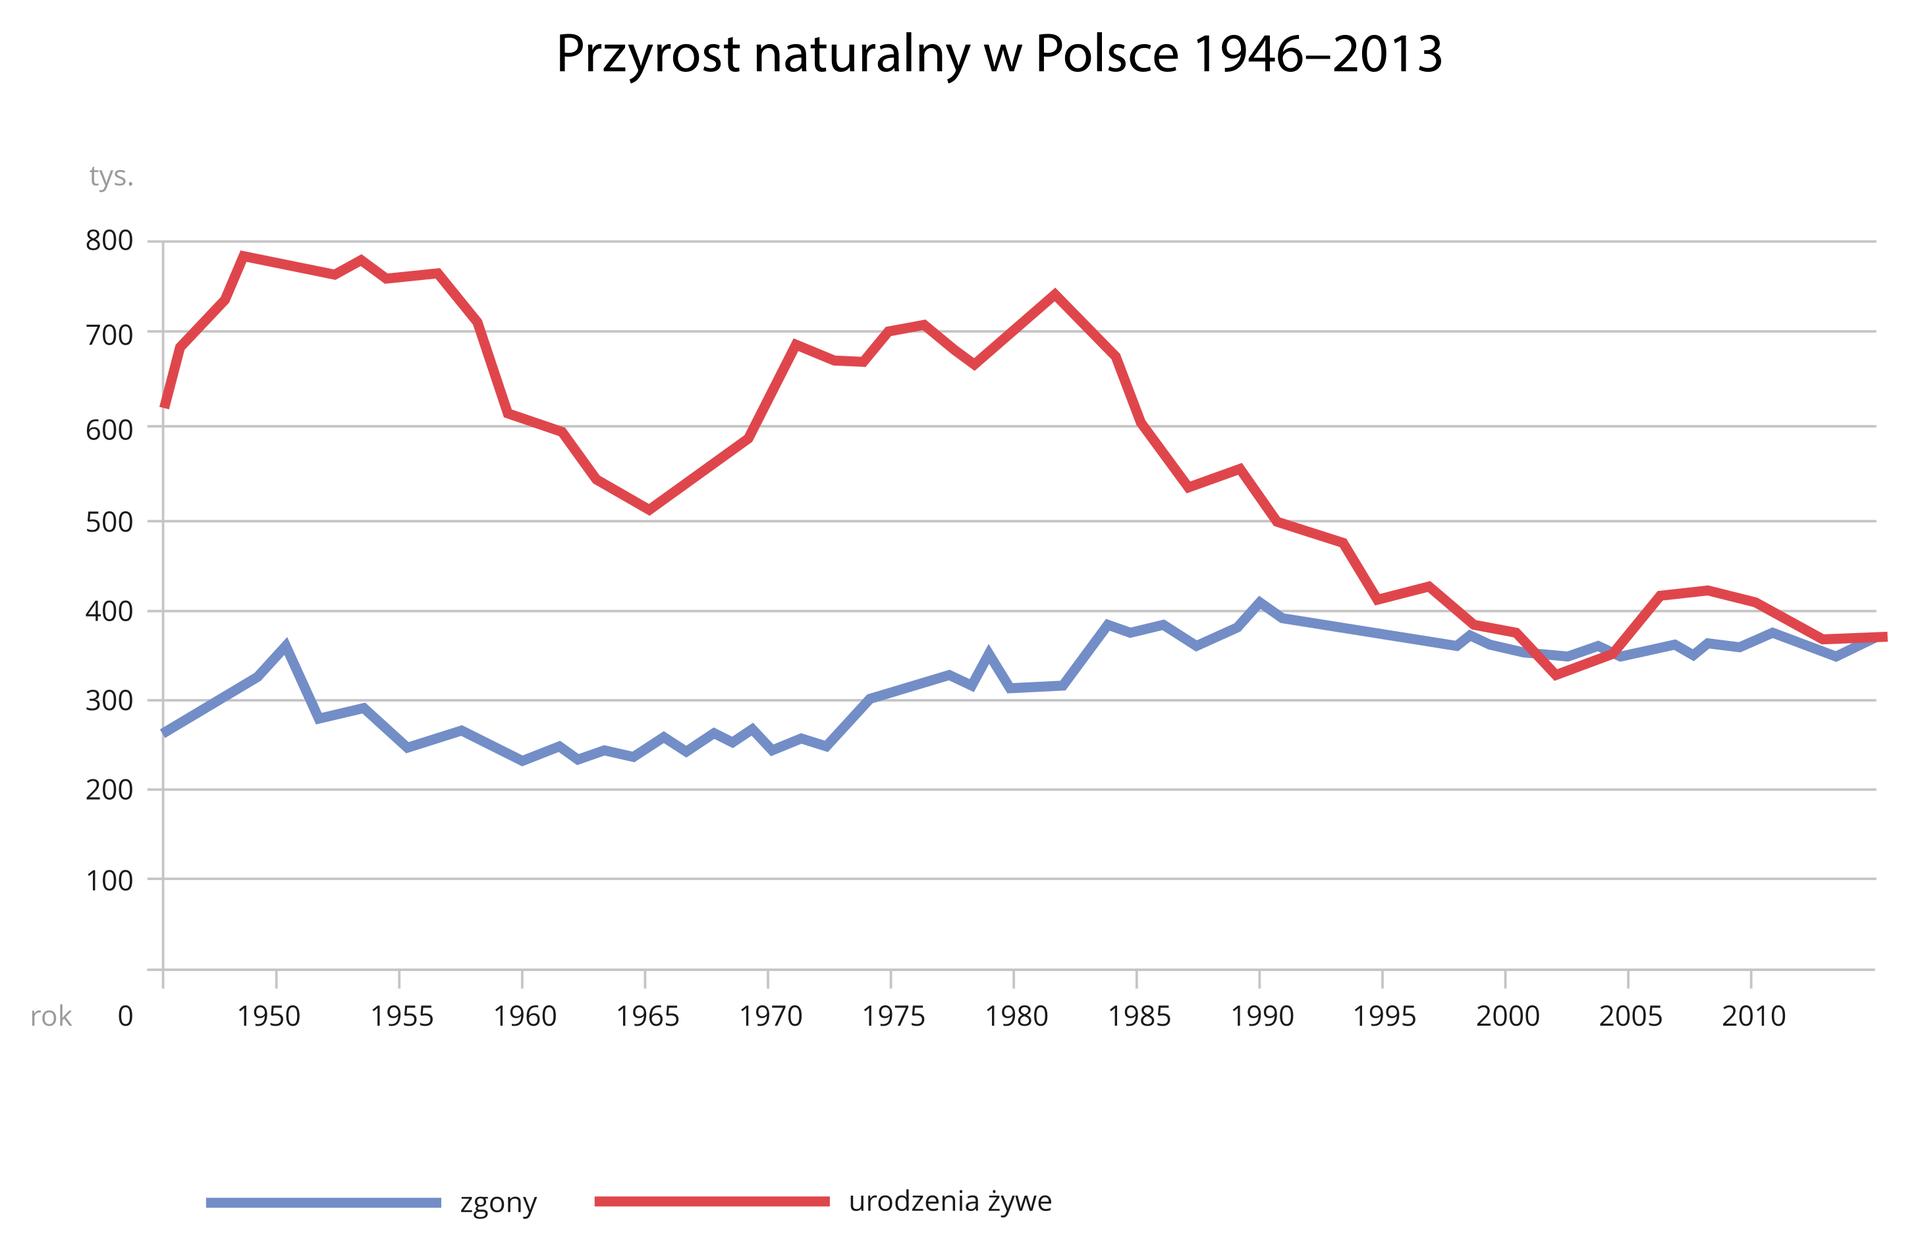 Przyrost naturalny wPolsce